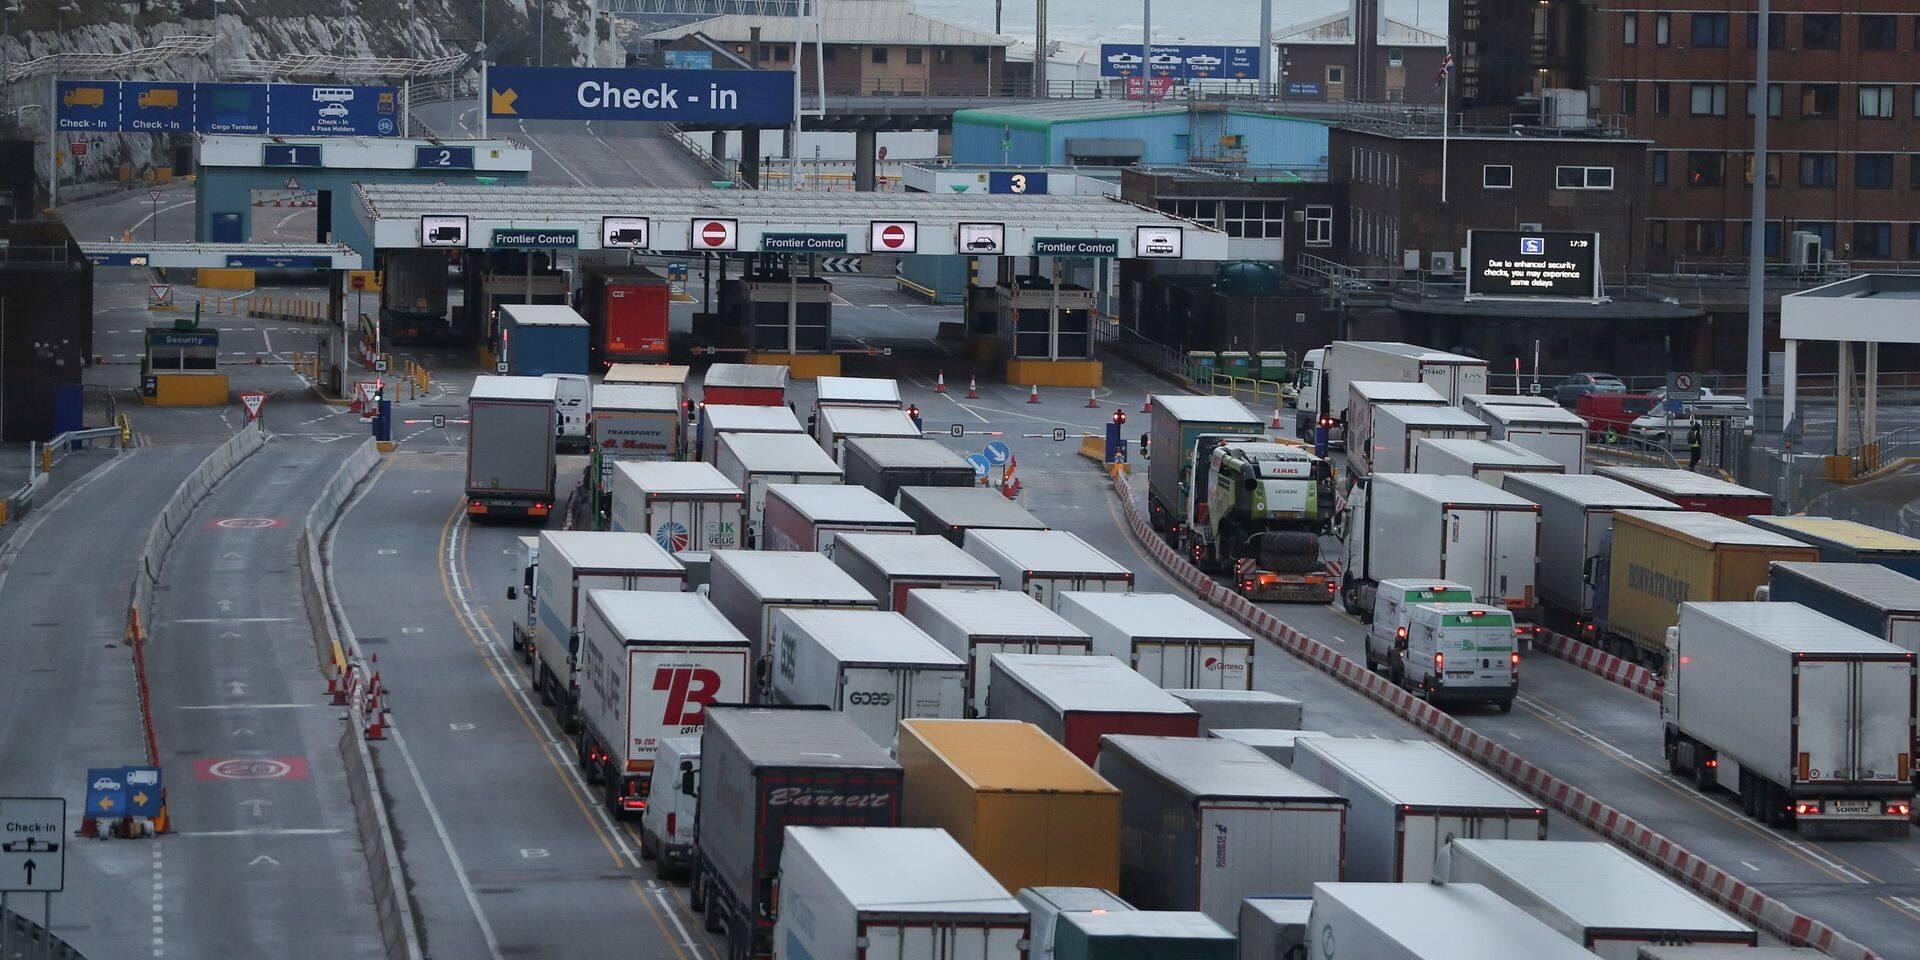 L'accord commercial entre l'UE et le Royaume-Uni devrait faire monter le PIB belge de 0,4 point de pourcentage